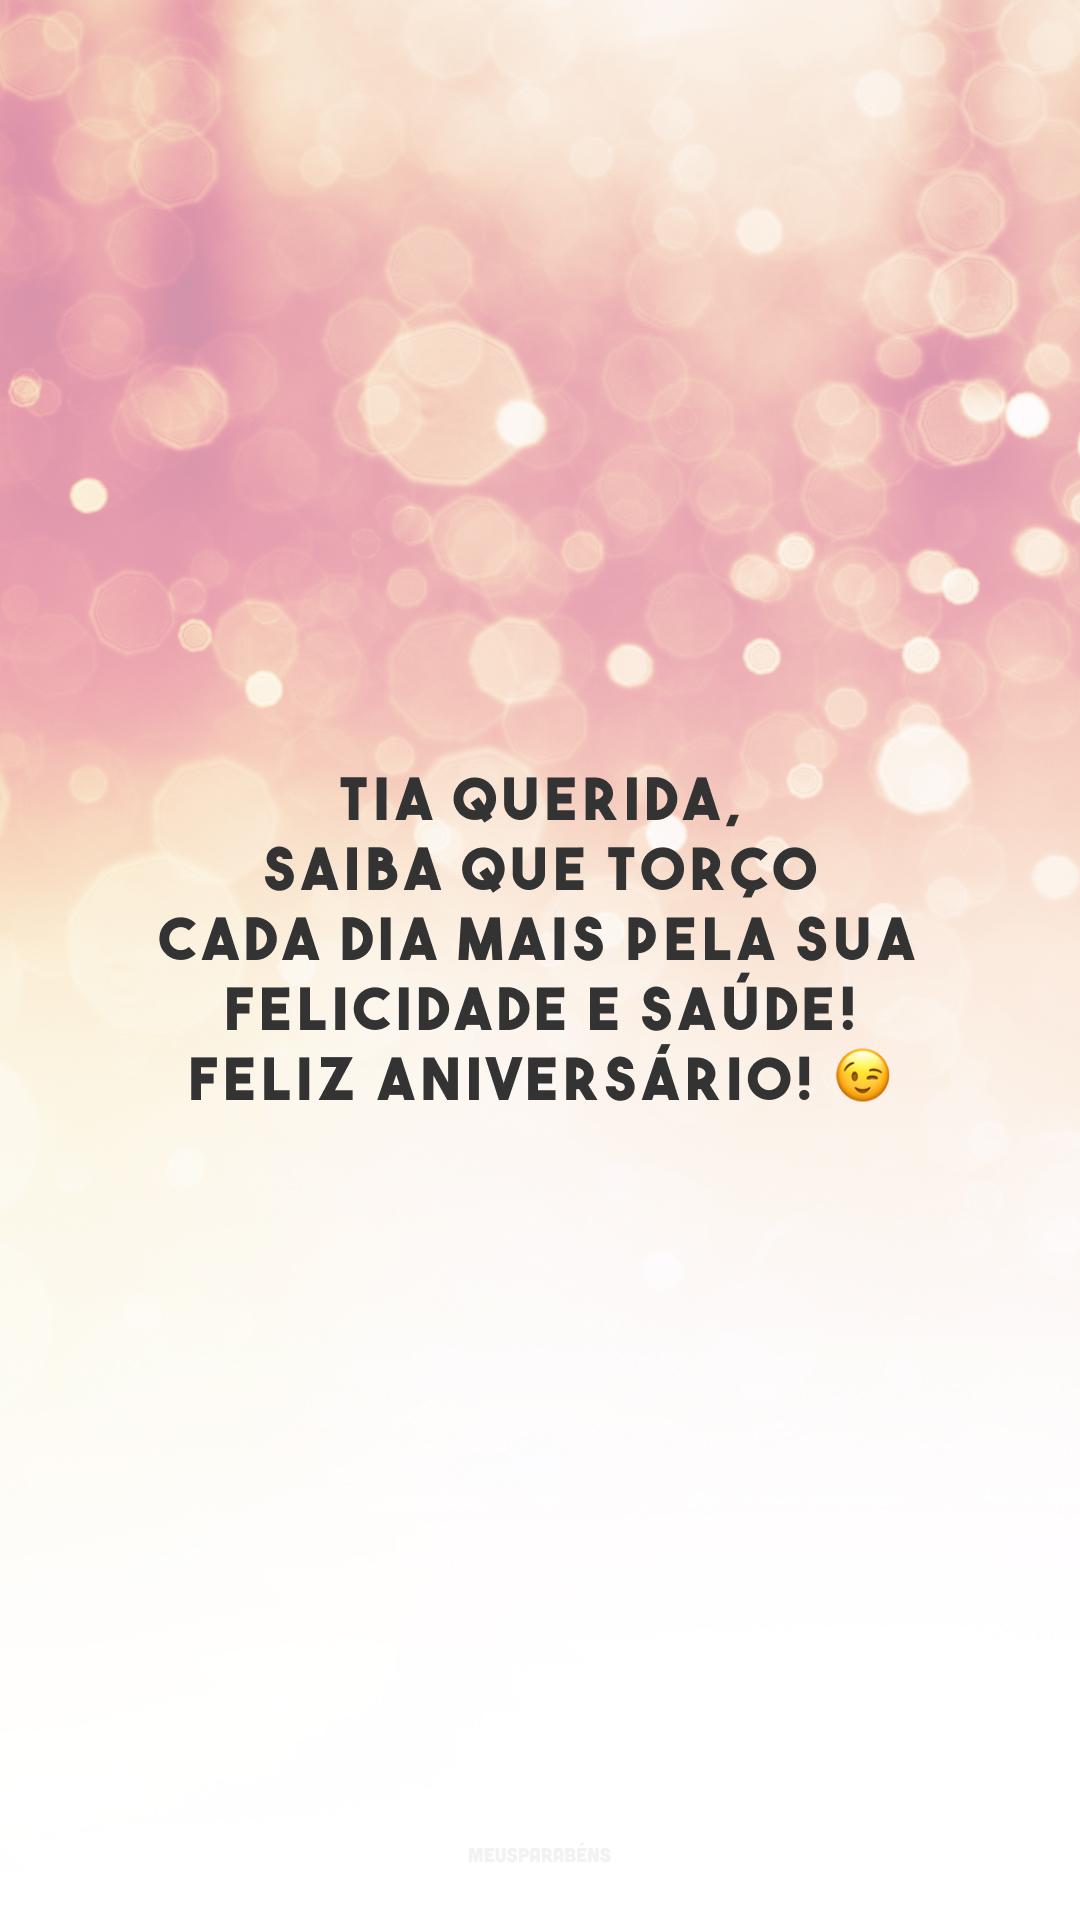 Tia querida, saiba que torço cada dia mais pela sua felicidade e saúde! Feliz aniversário! 😉